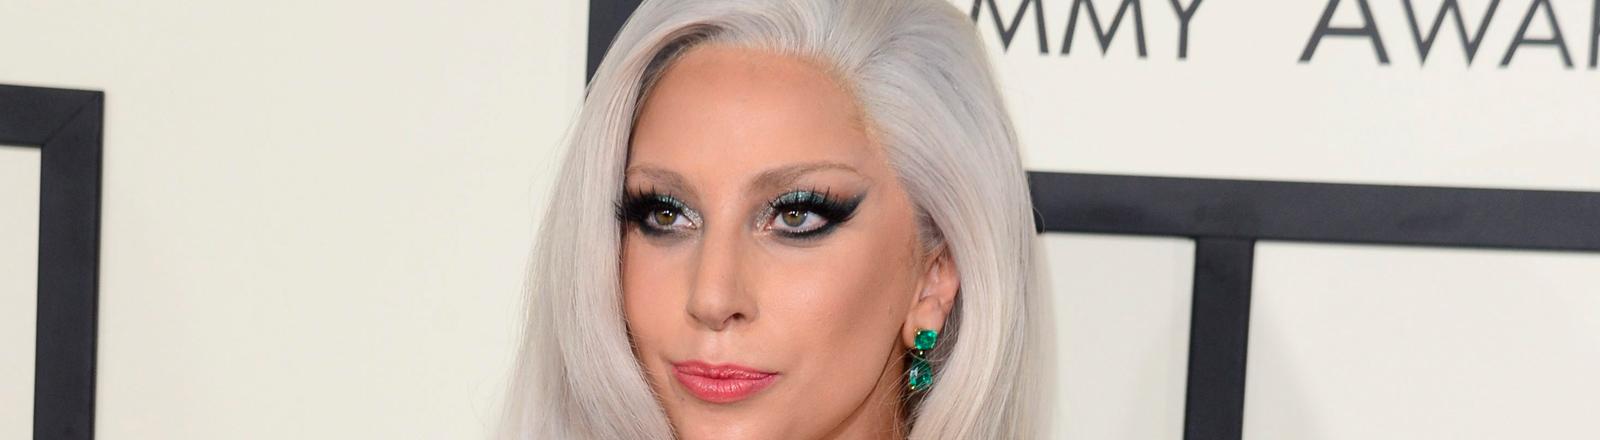 Lady Gaga im Grannystyle